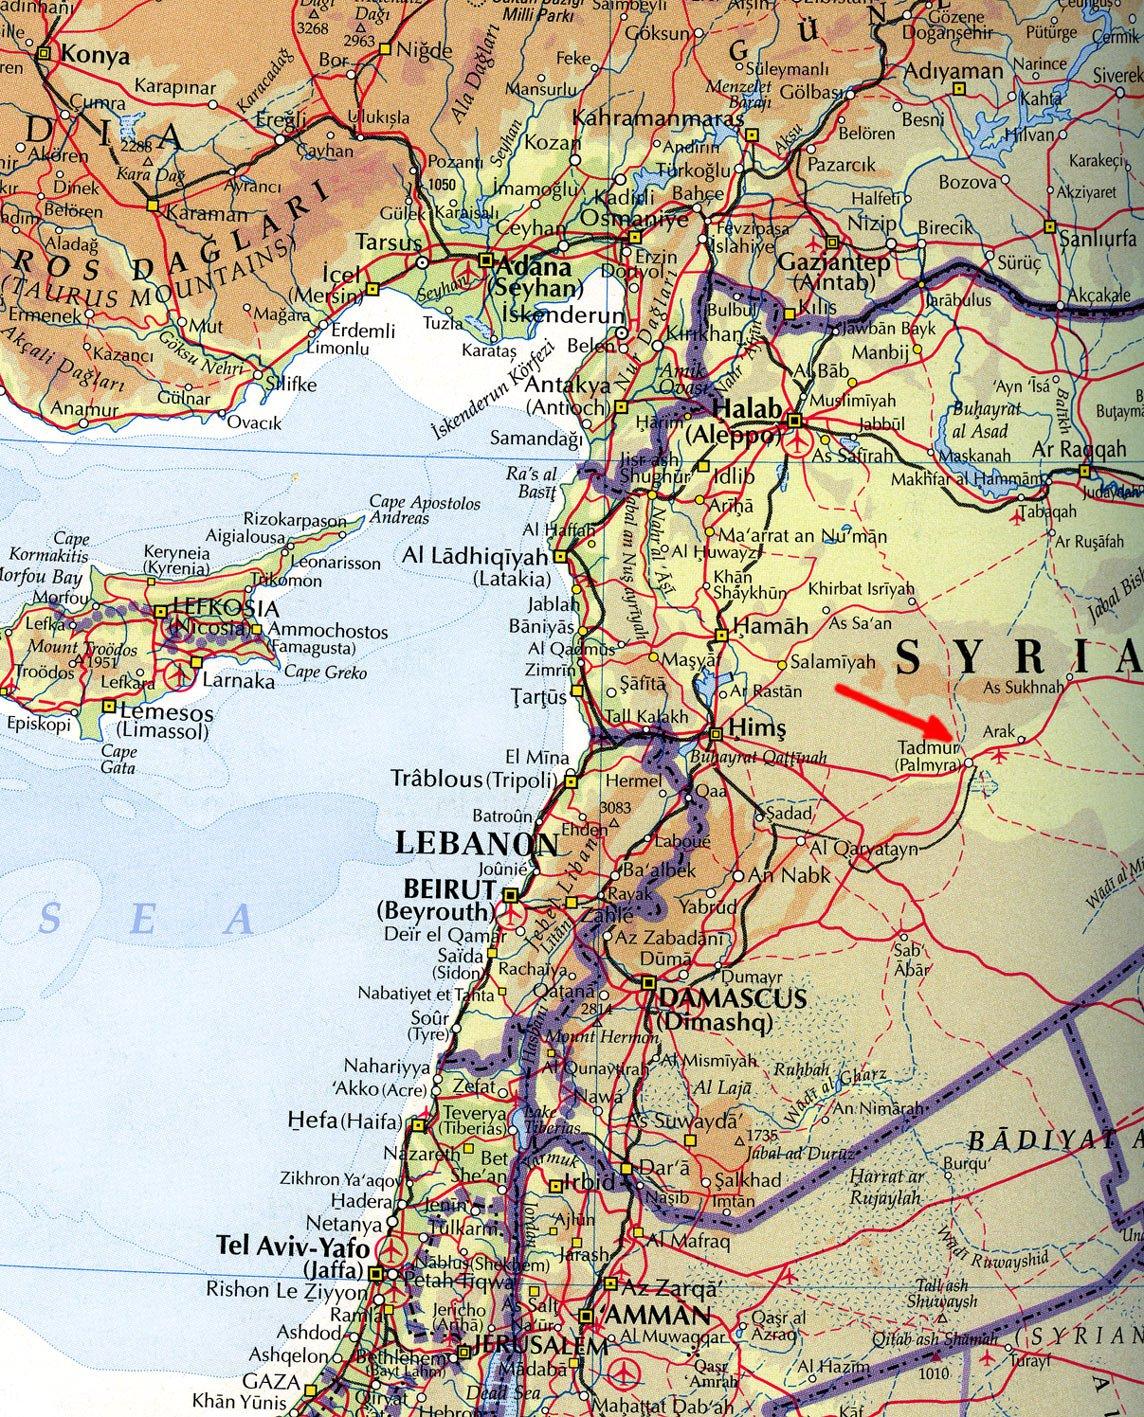 Где на карте находится пальмира